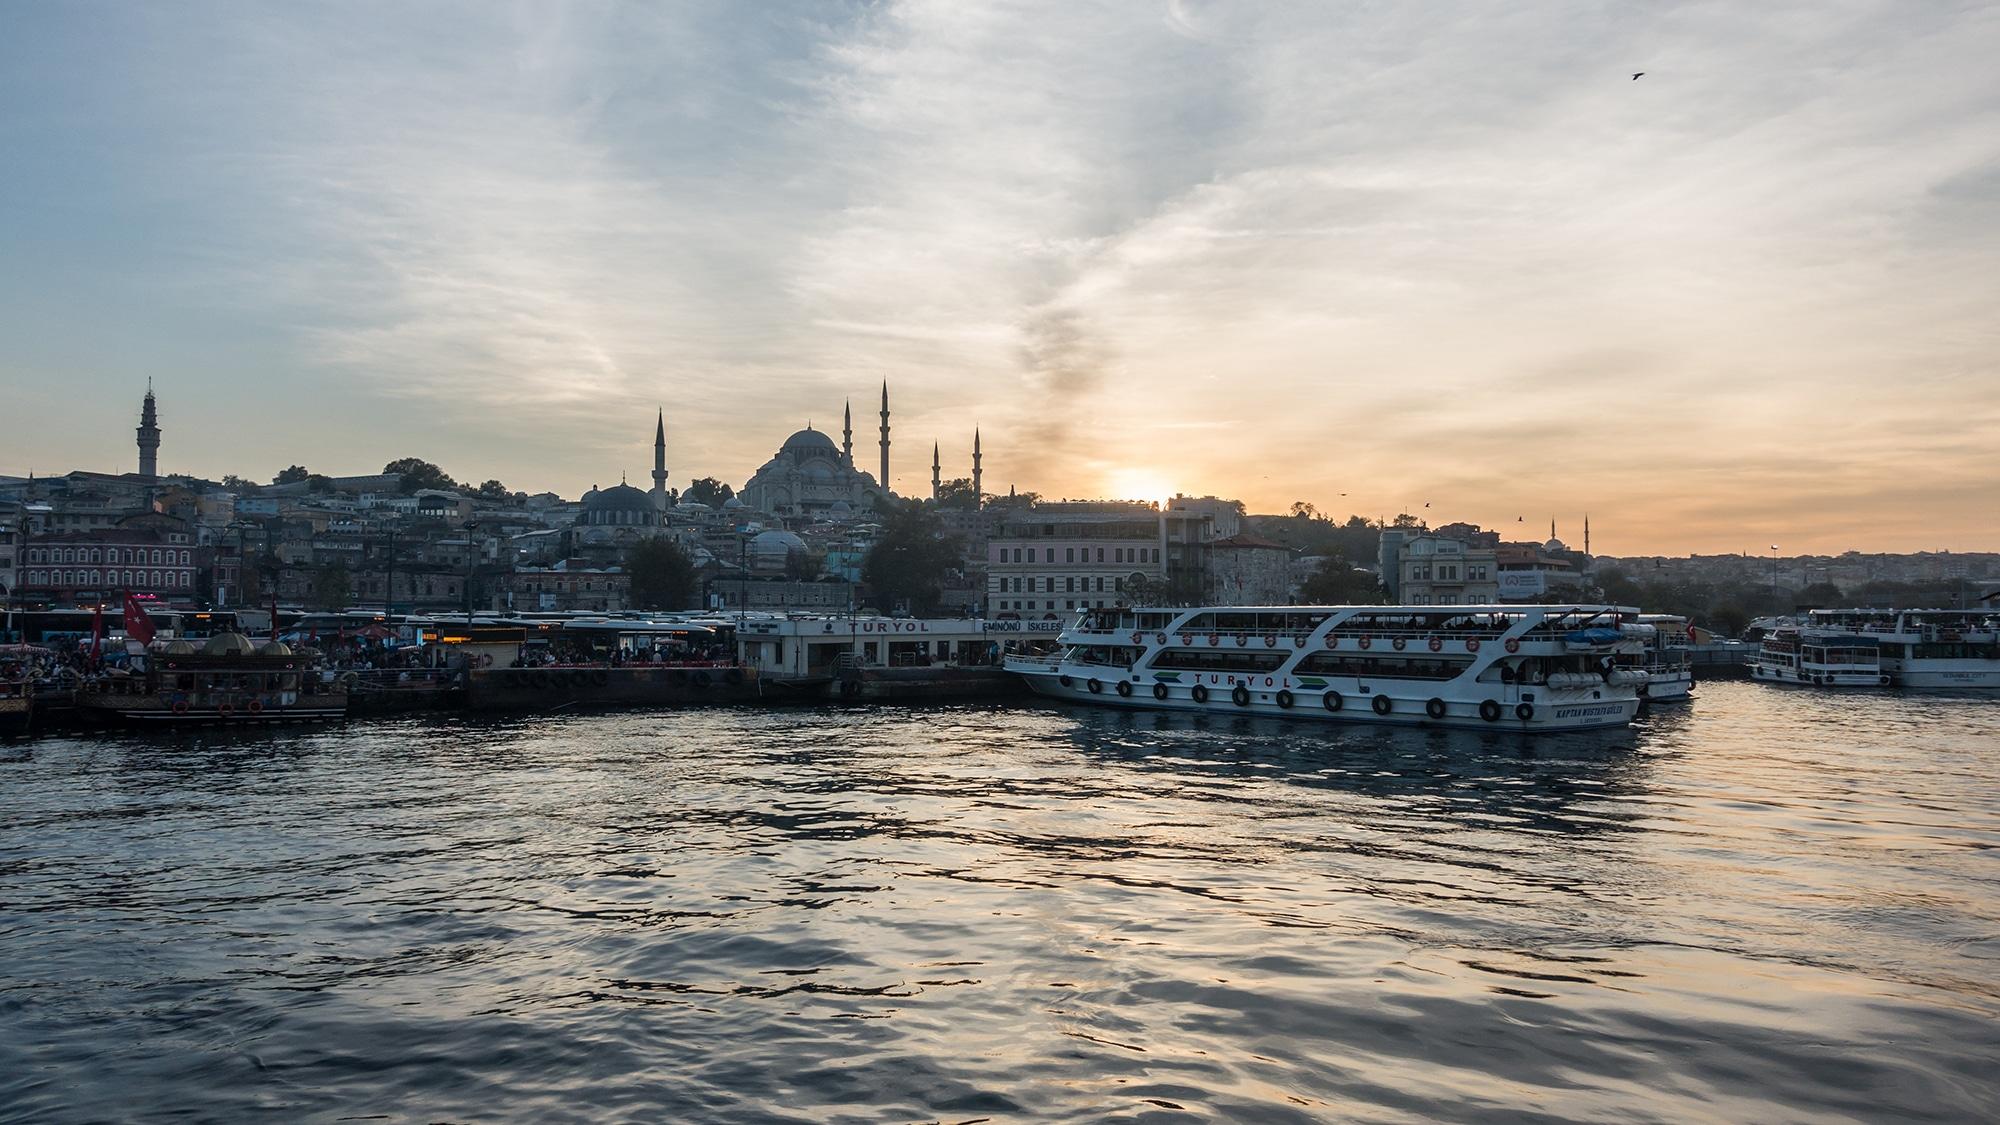 Besonders schön ist Istanbul vom Schiff aus anzusehen. Zum Beispiel auf einer Bosporus-Rundfahrt im Abendlicht.